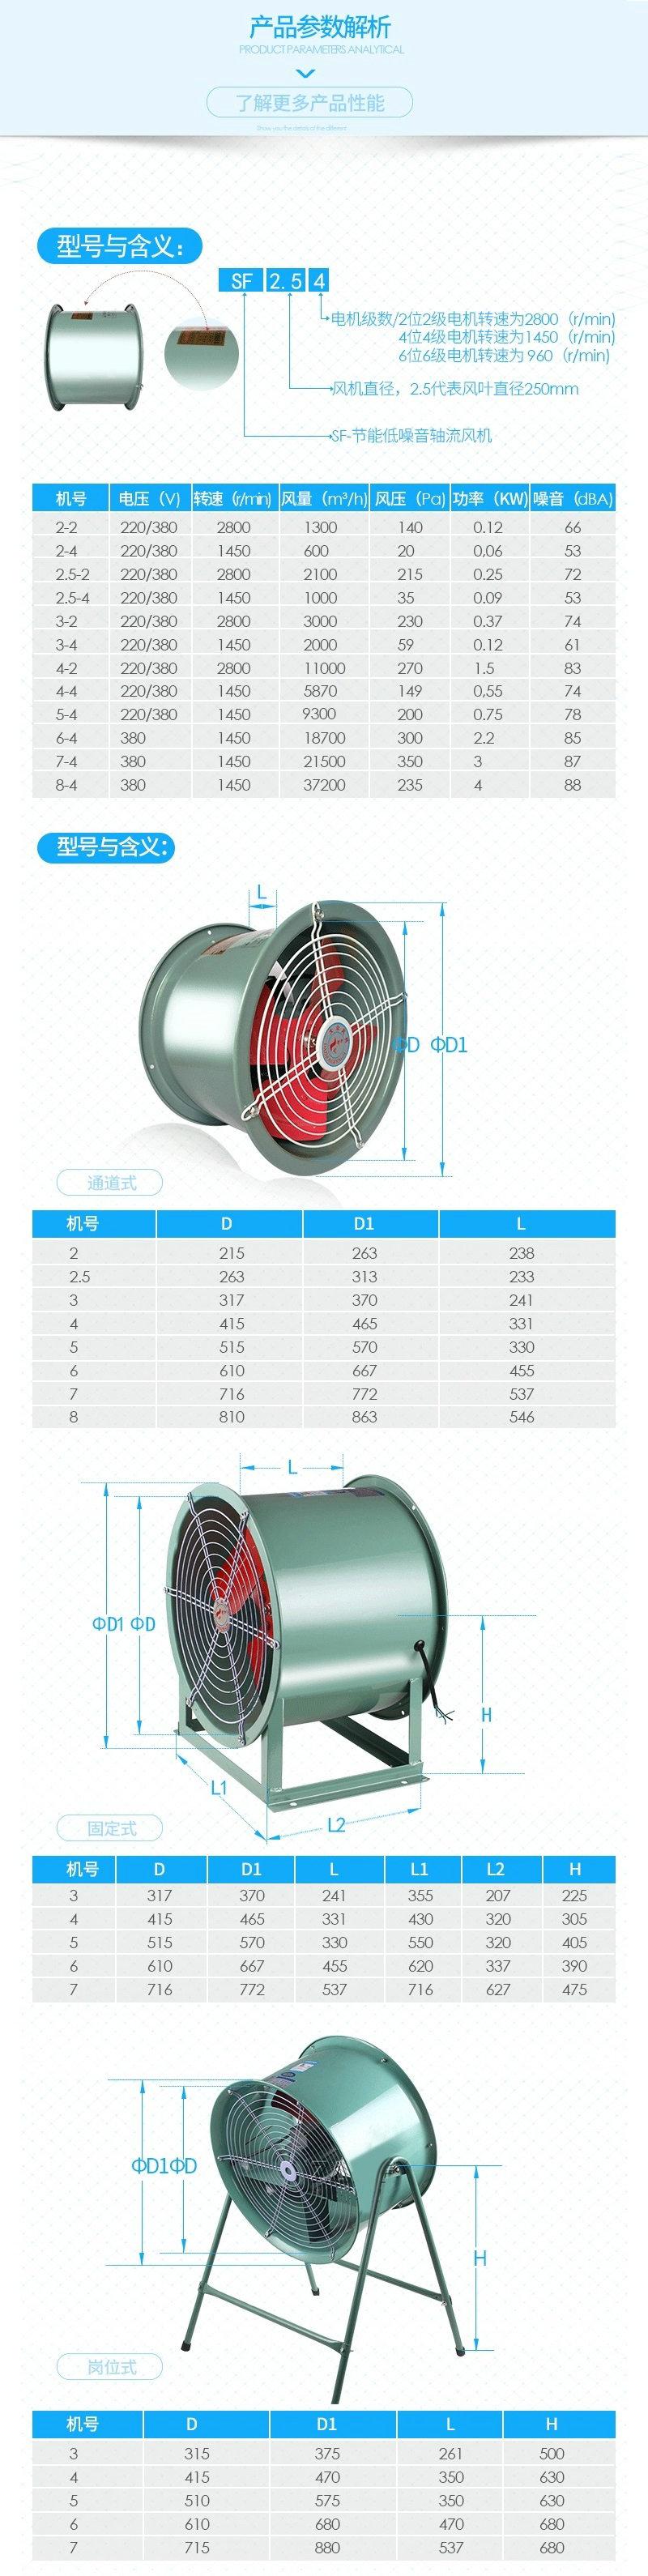 鄭州軸流風機-8